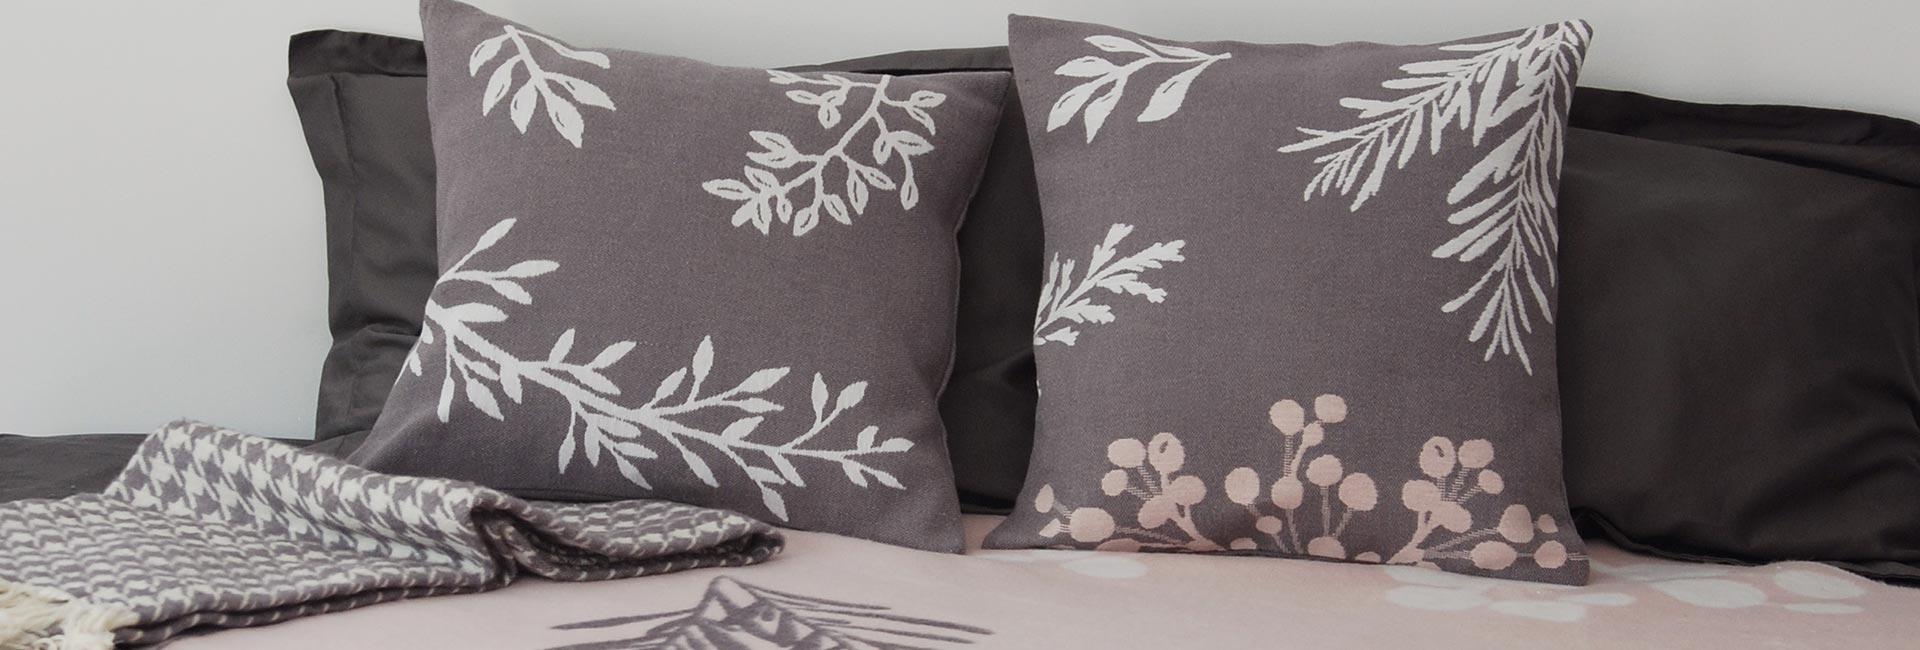 Новогодняя коллекция 2022 Чехлы на подушки